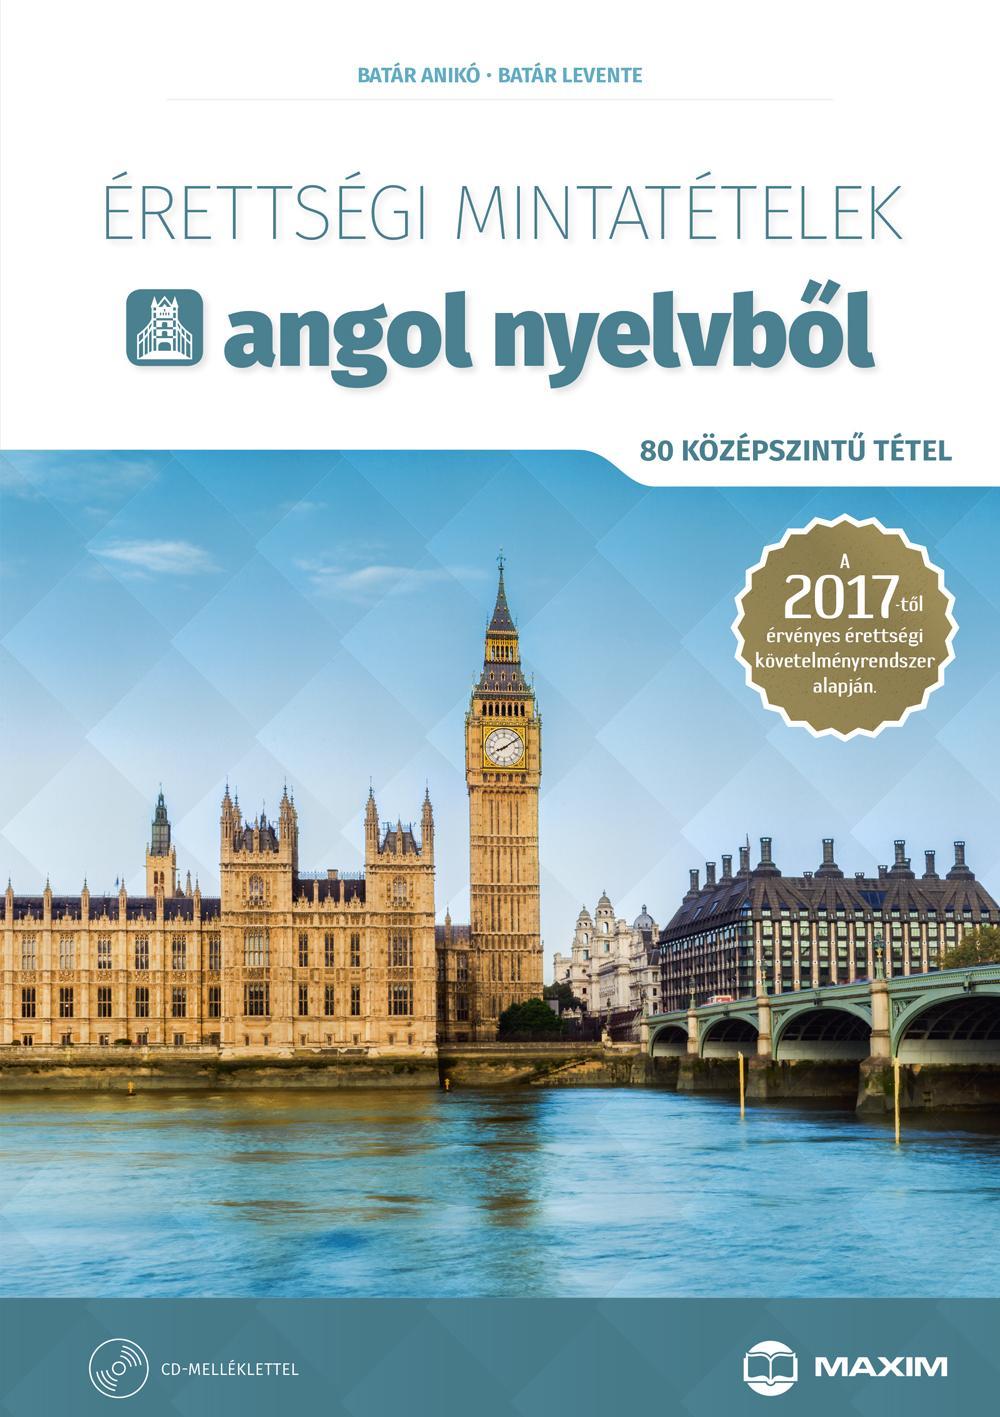 BATÁR ANIKÓ, DR. BATÁR LEVENTE - ÉRETTSÉGI MINTATÉTELEK ANGOL NYELVBŐL -80 KÖZÉPSZINTŰ TÉTEL CD-VEL 2017